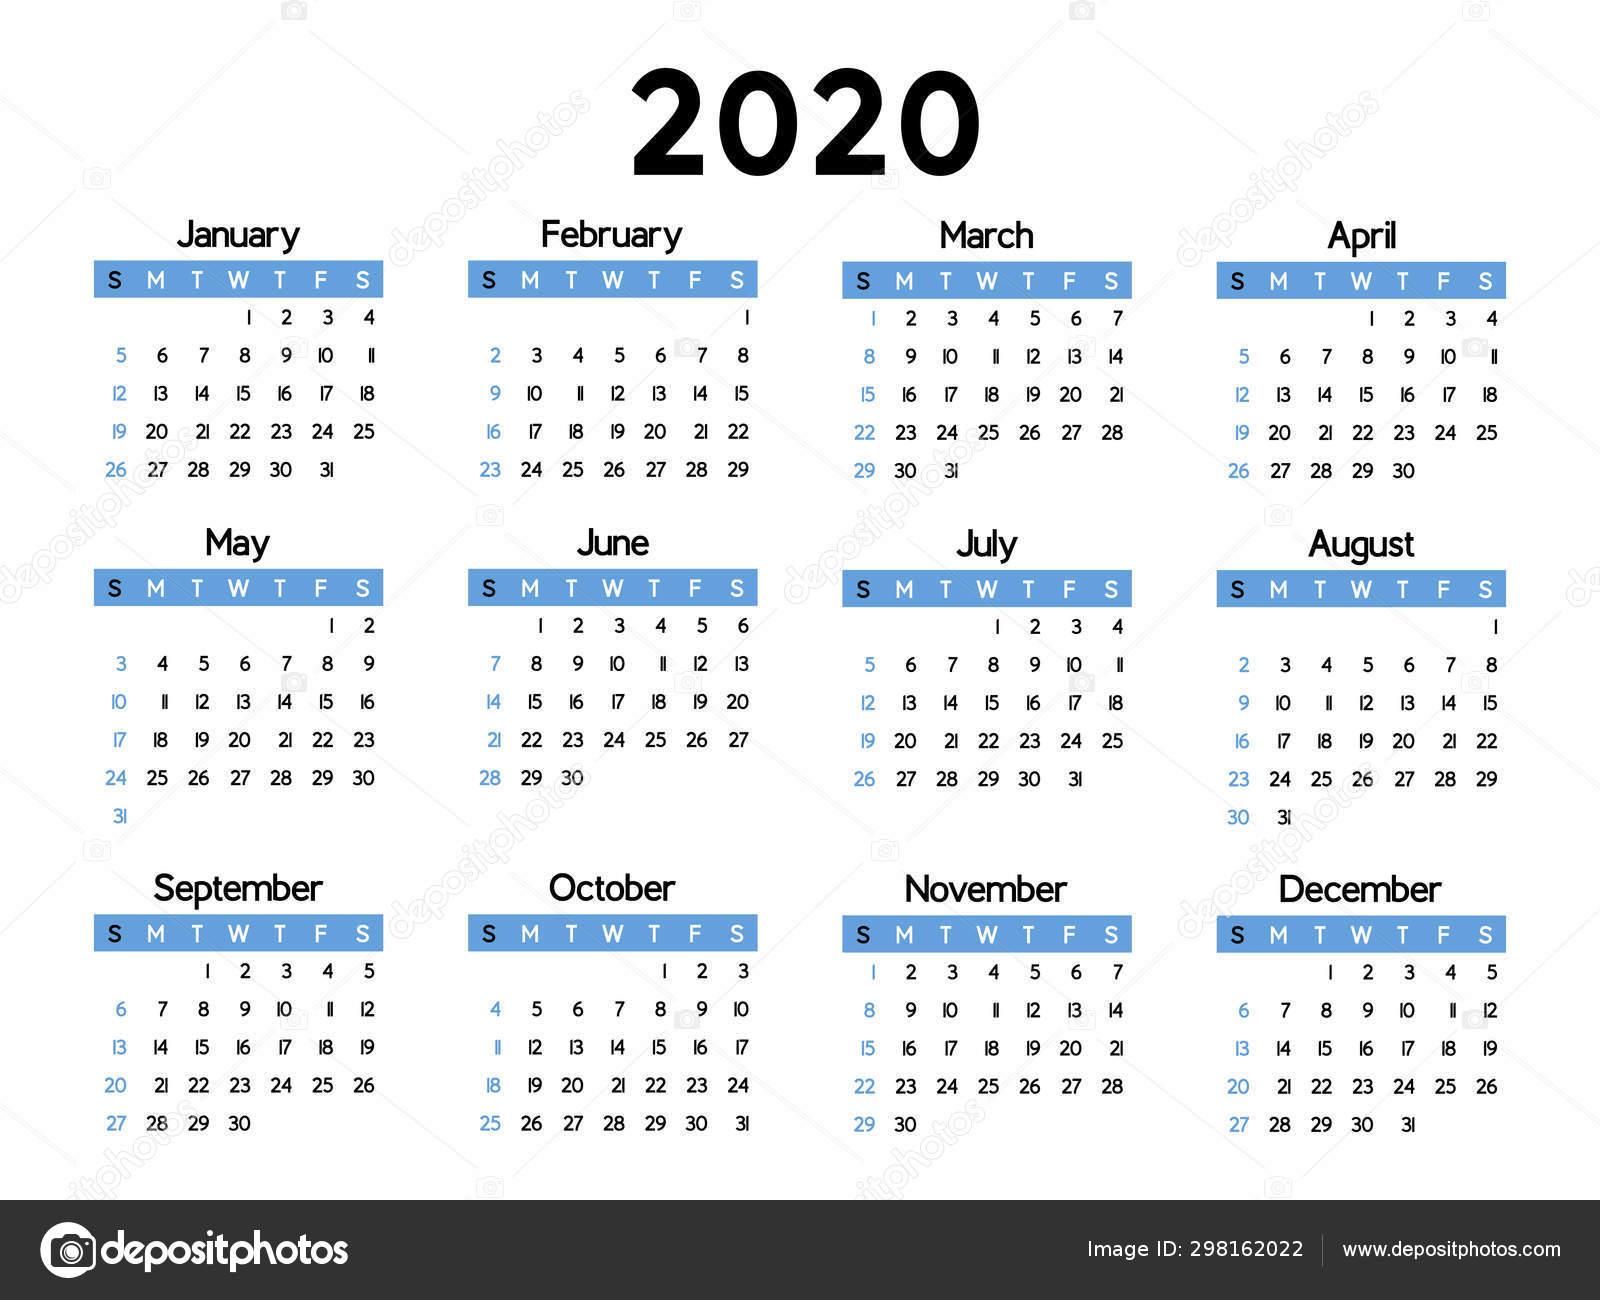 Calendario 2020 Semanas.Calendario 2020 Semana Comeca Domingo Modelo Negocio Basico